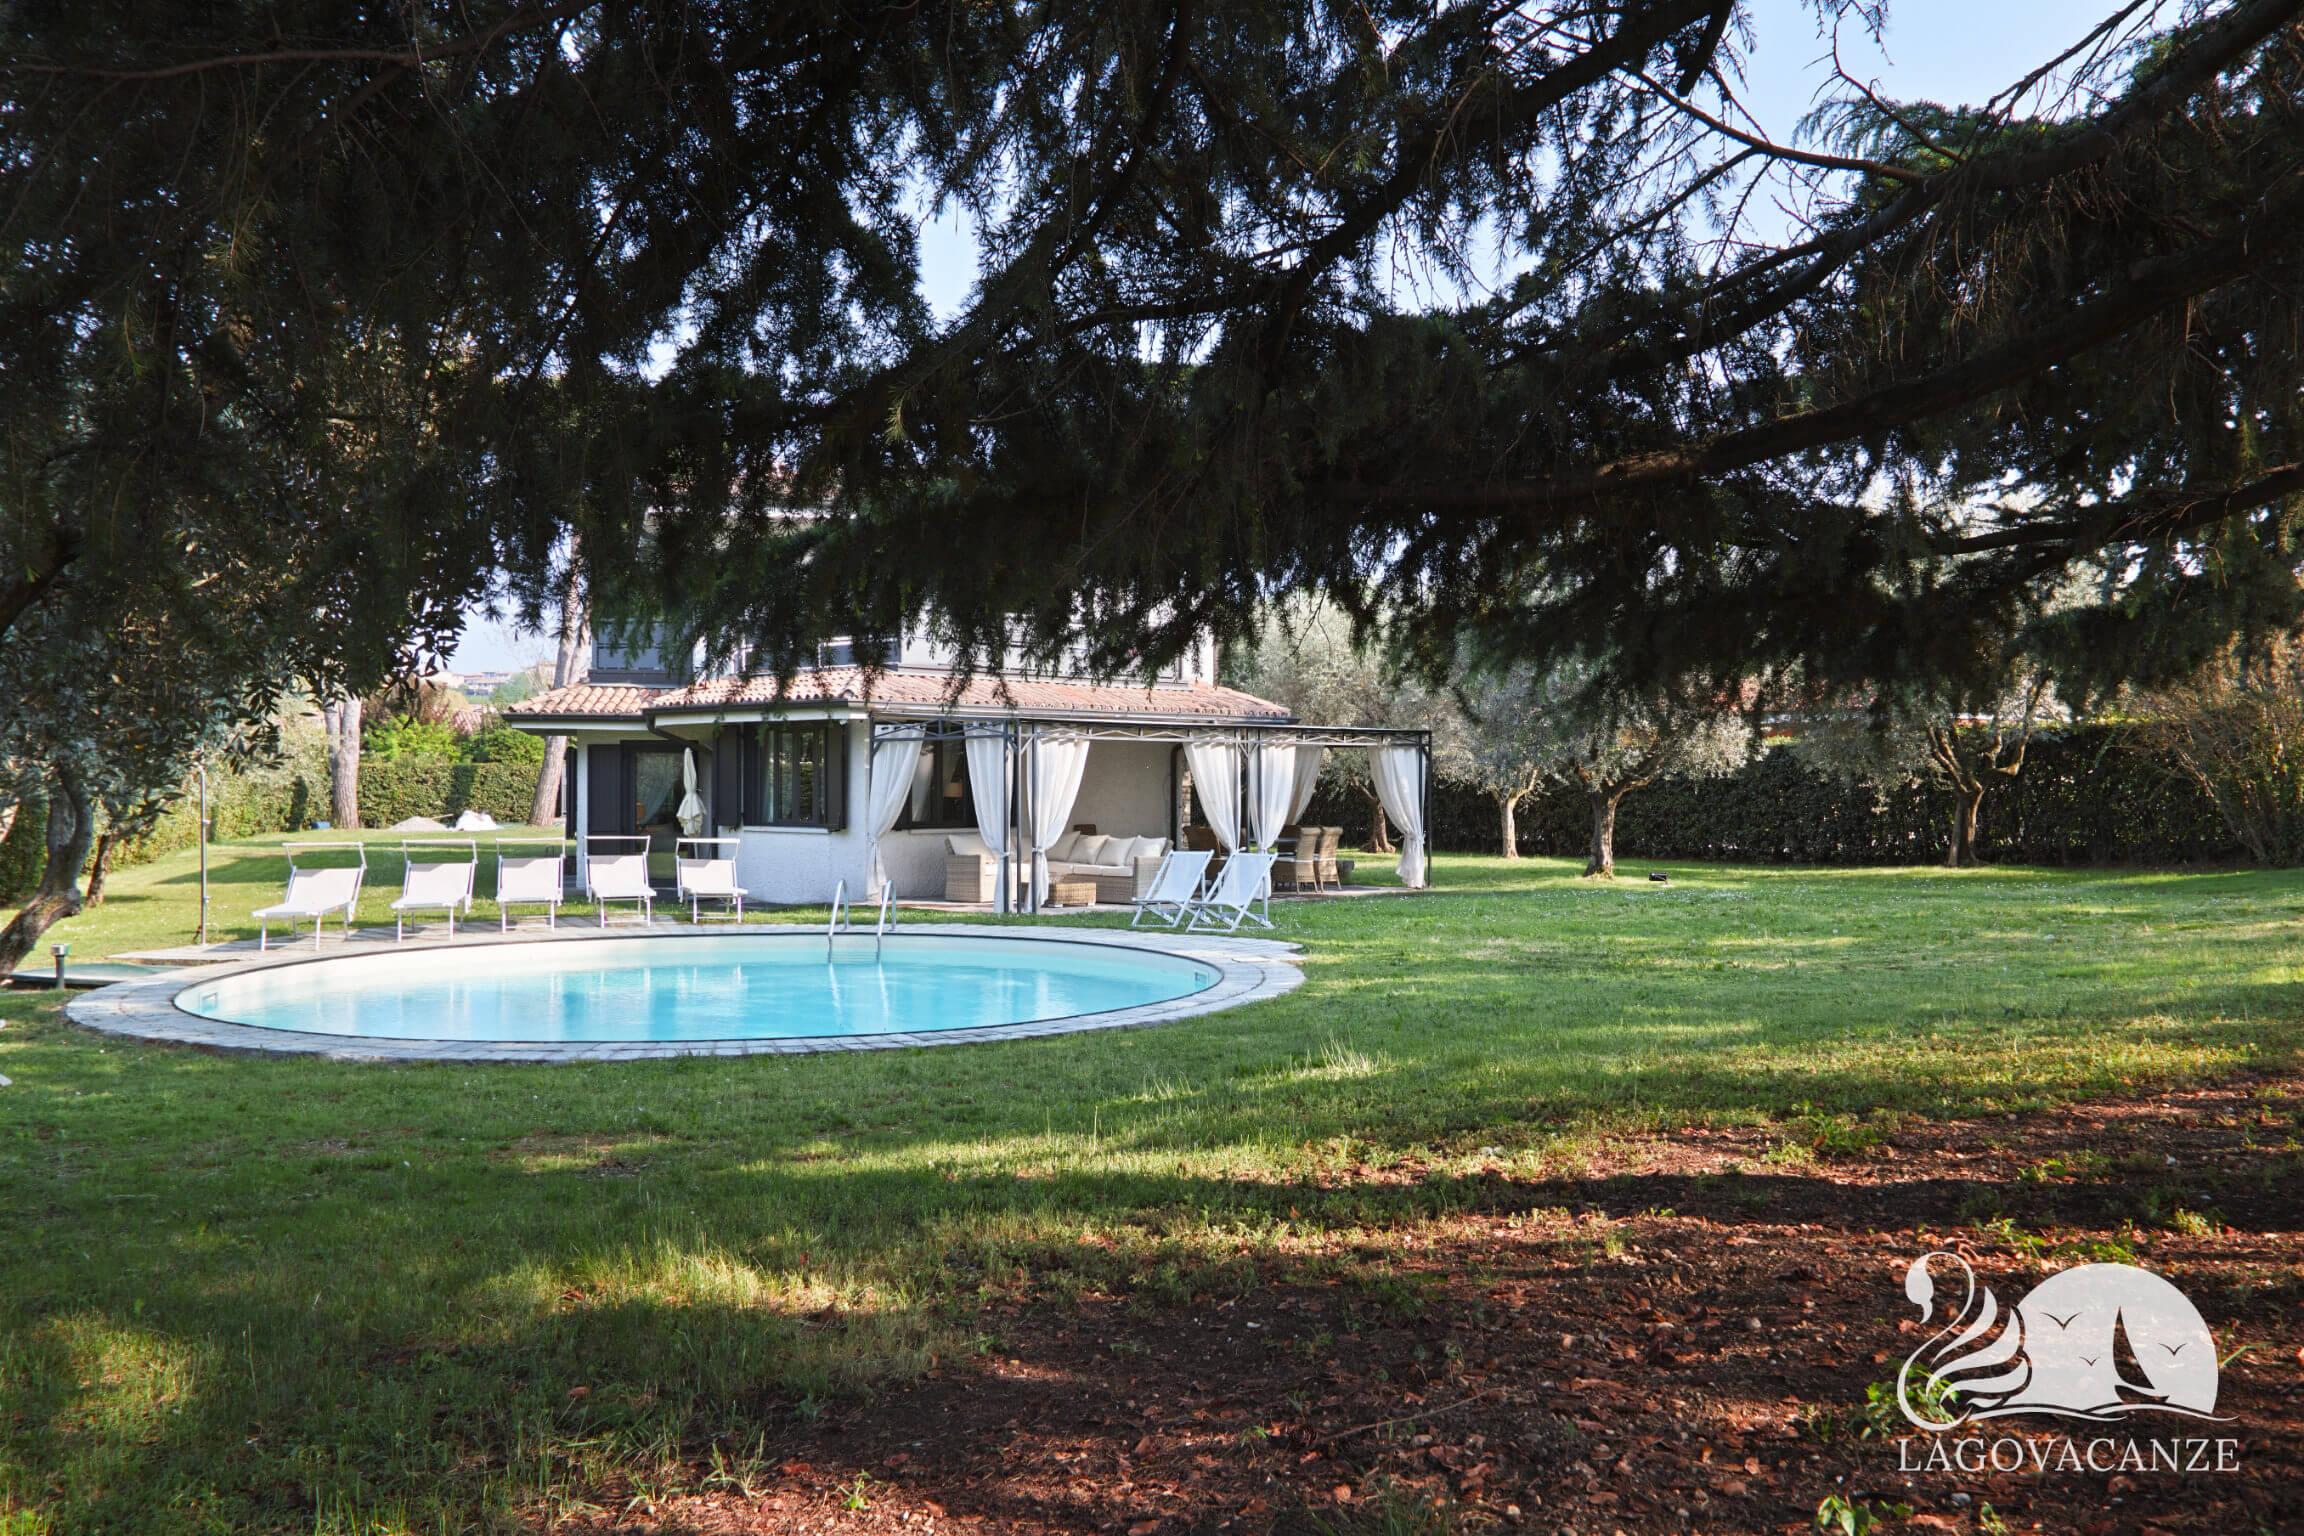 Luxury villa bianca villa per vacanze a manerba del garda con piscina - Hotel manerba del garda con piscina ...